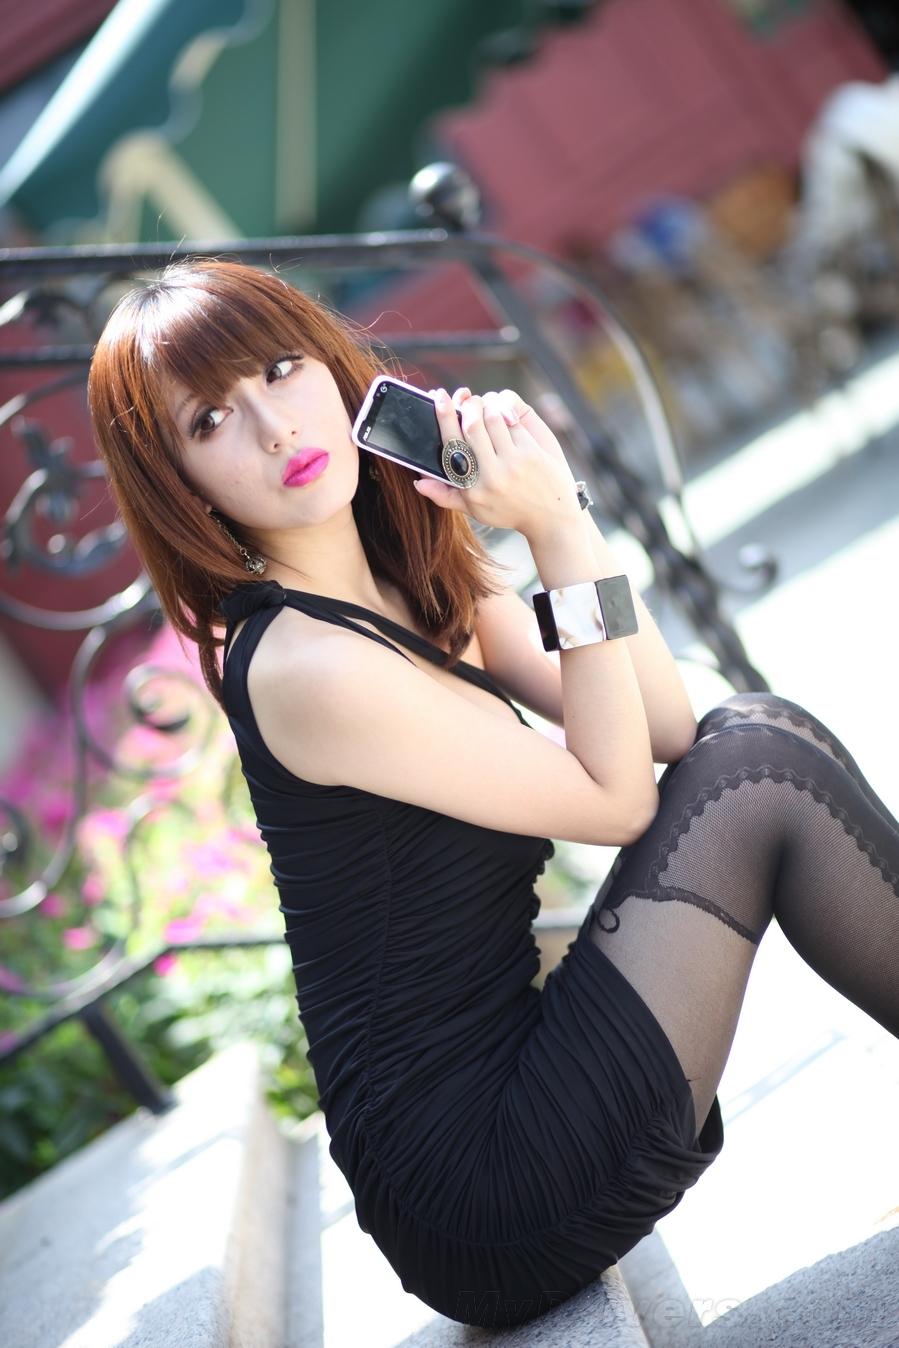 日本mm射图_美女亲密接触 华硕t20手机美图赏析